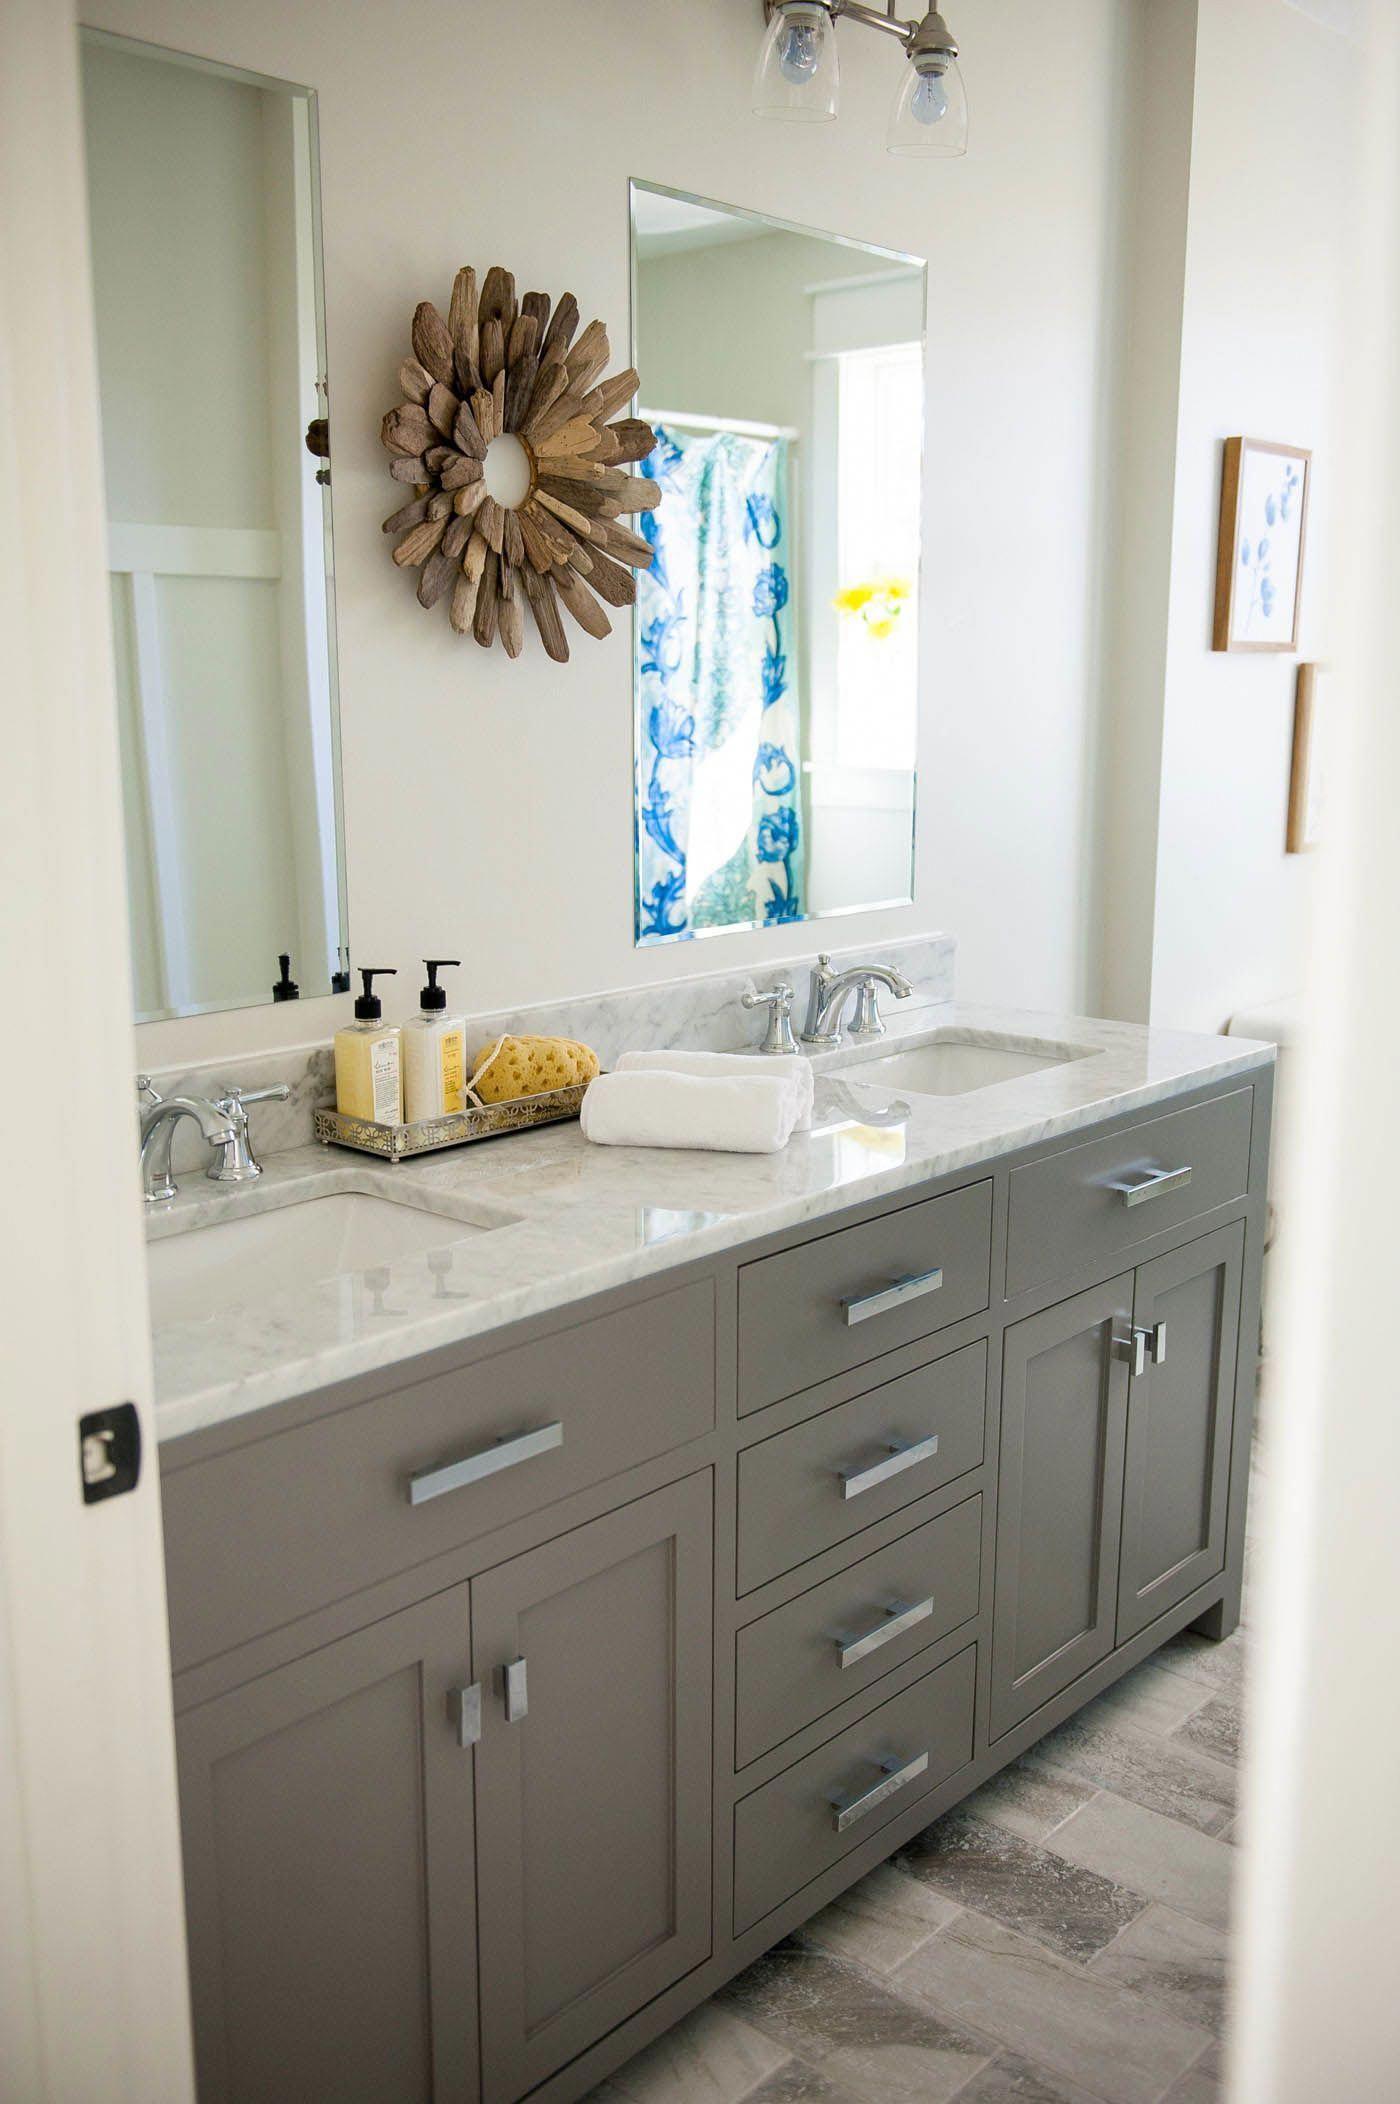 The Ultimate Guide To Buying A Bathroom Vanity Unique Bathroom Vanity Double Vanity Bathroom Grey Bathroom Vanity